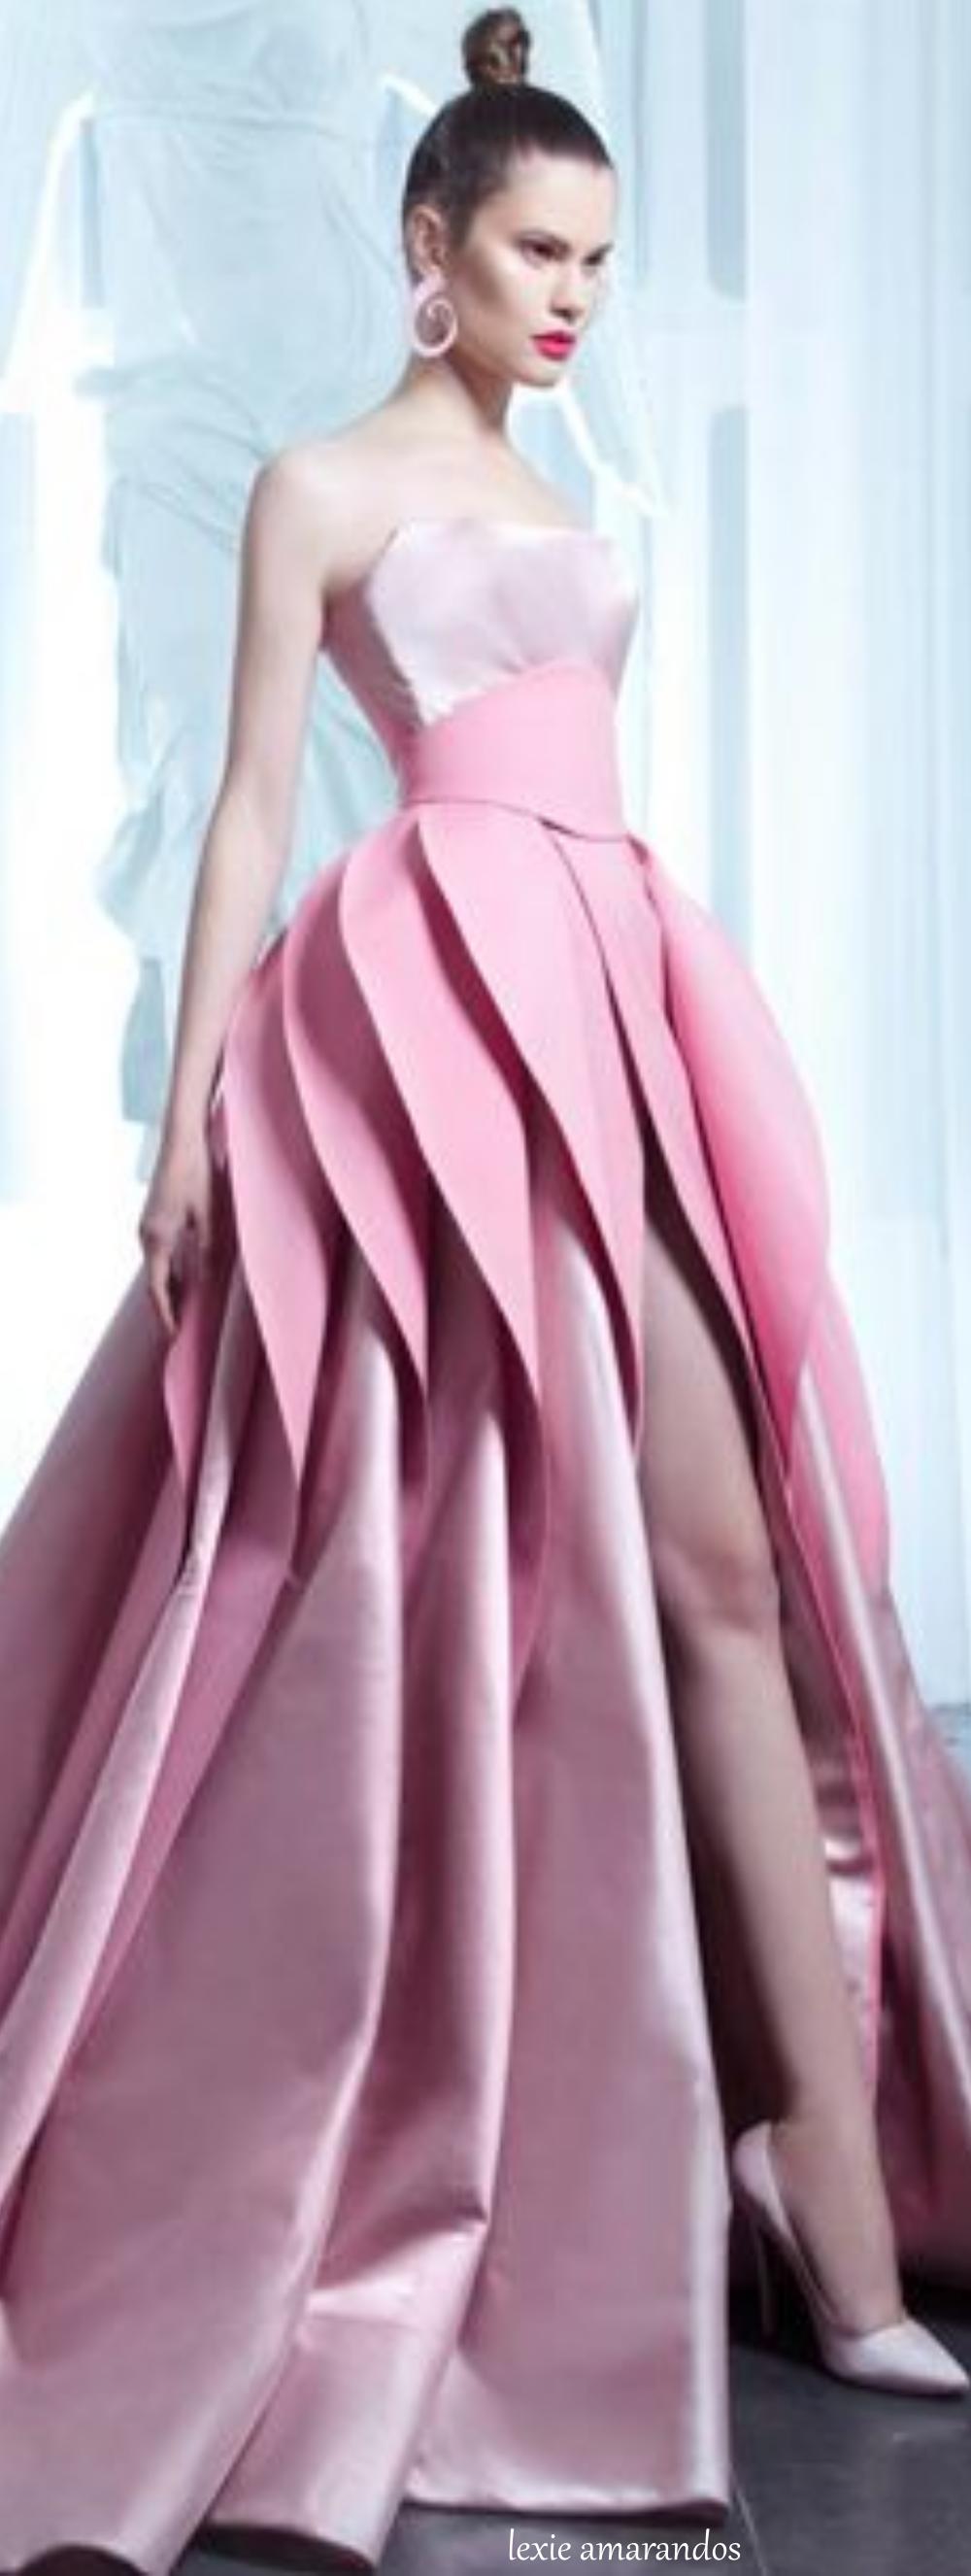 Lujoso Trajes De Novia Irlanda Fotos - Colección de Vestidos de Boda ...